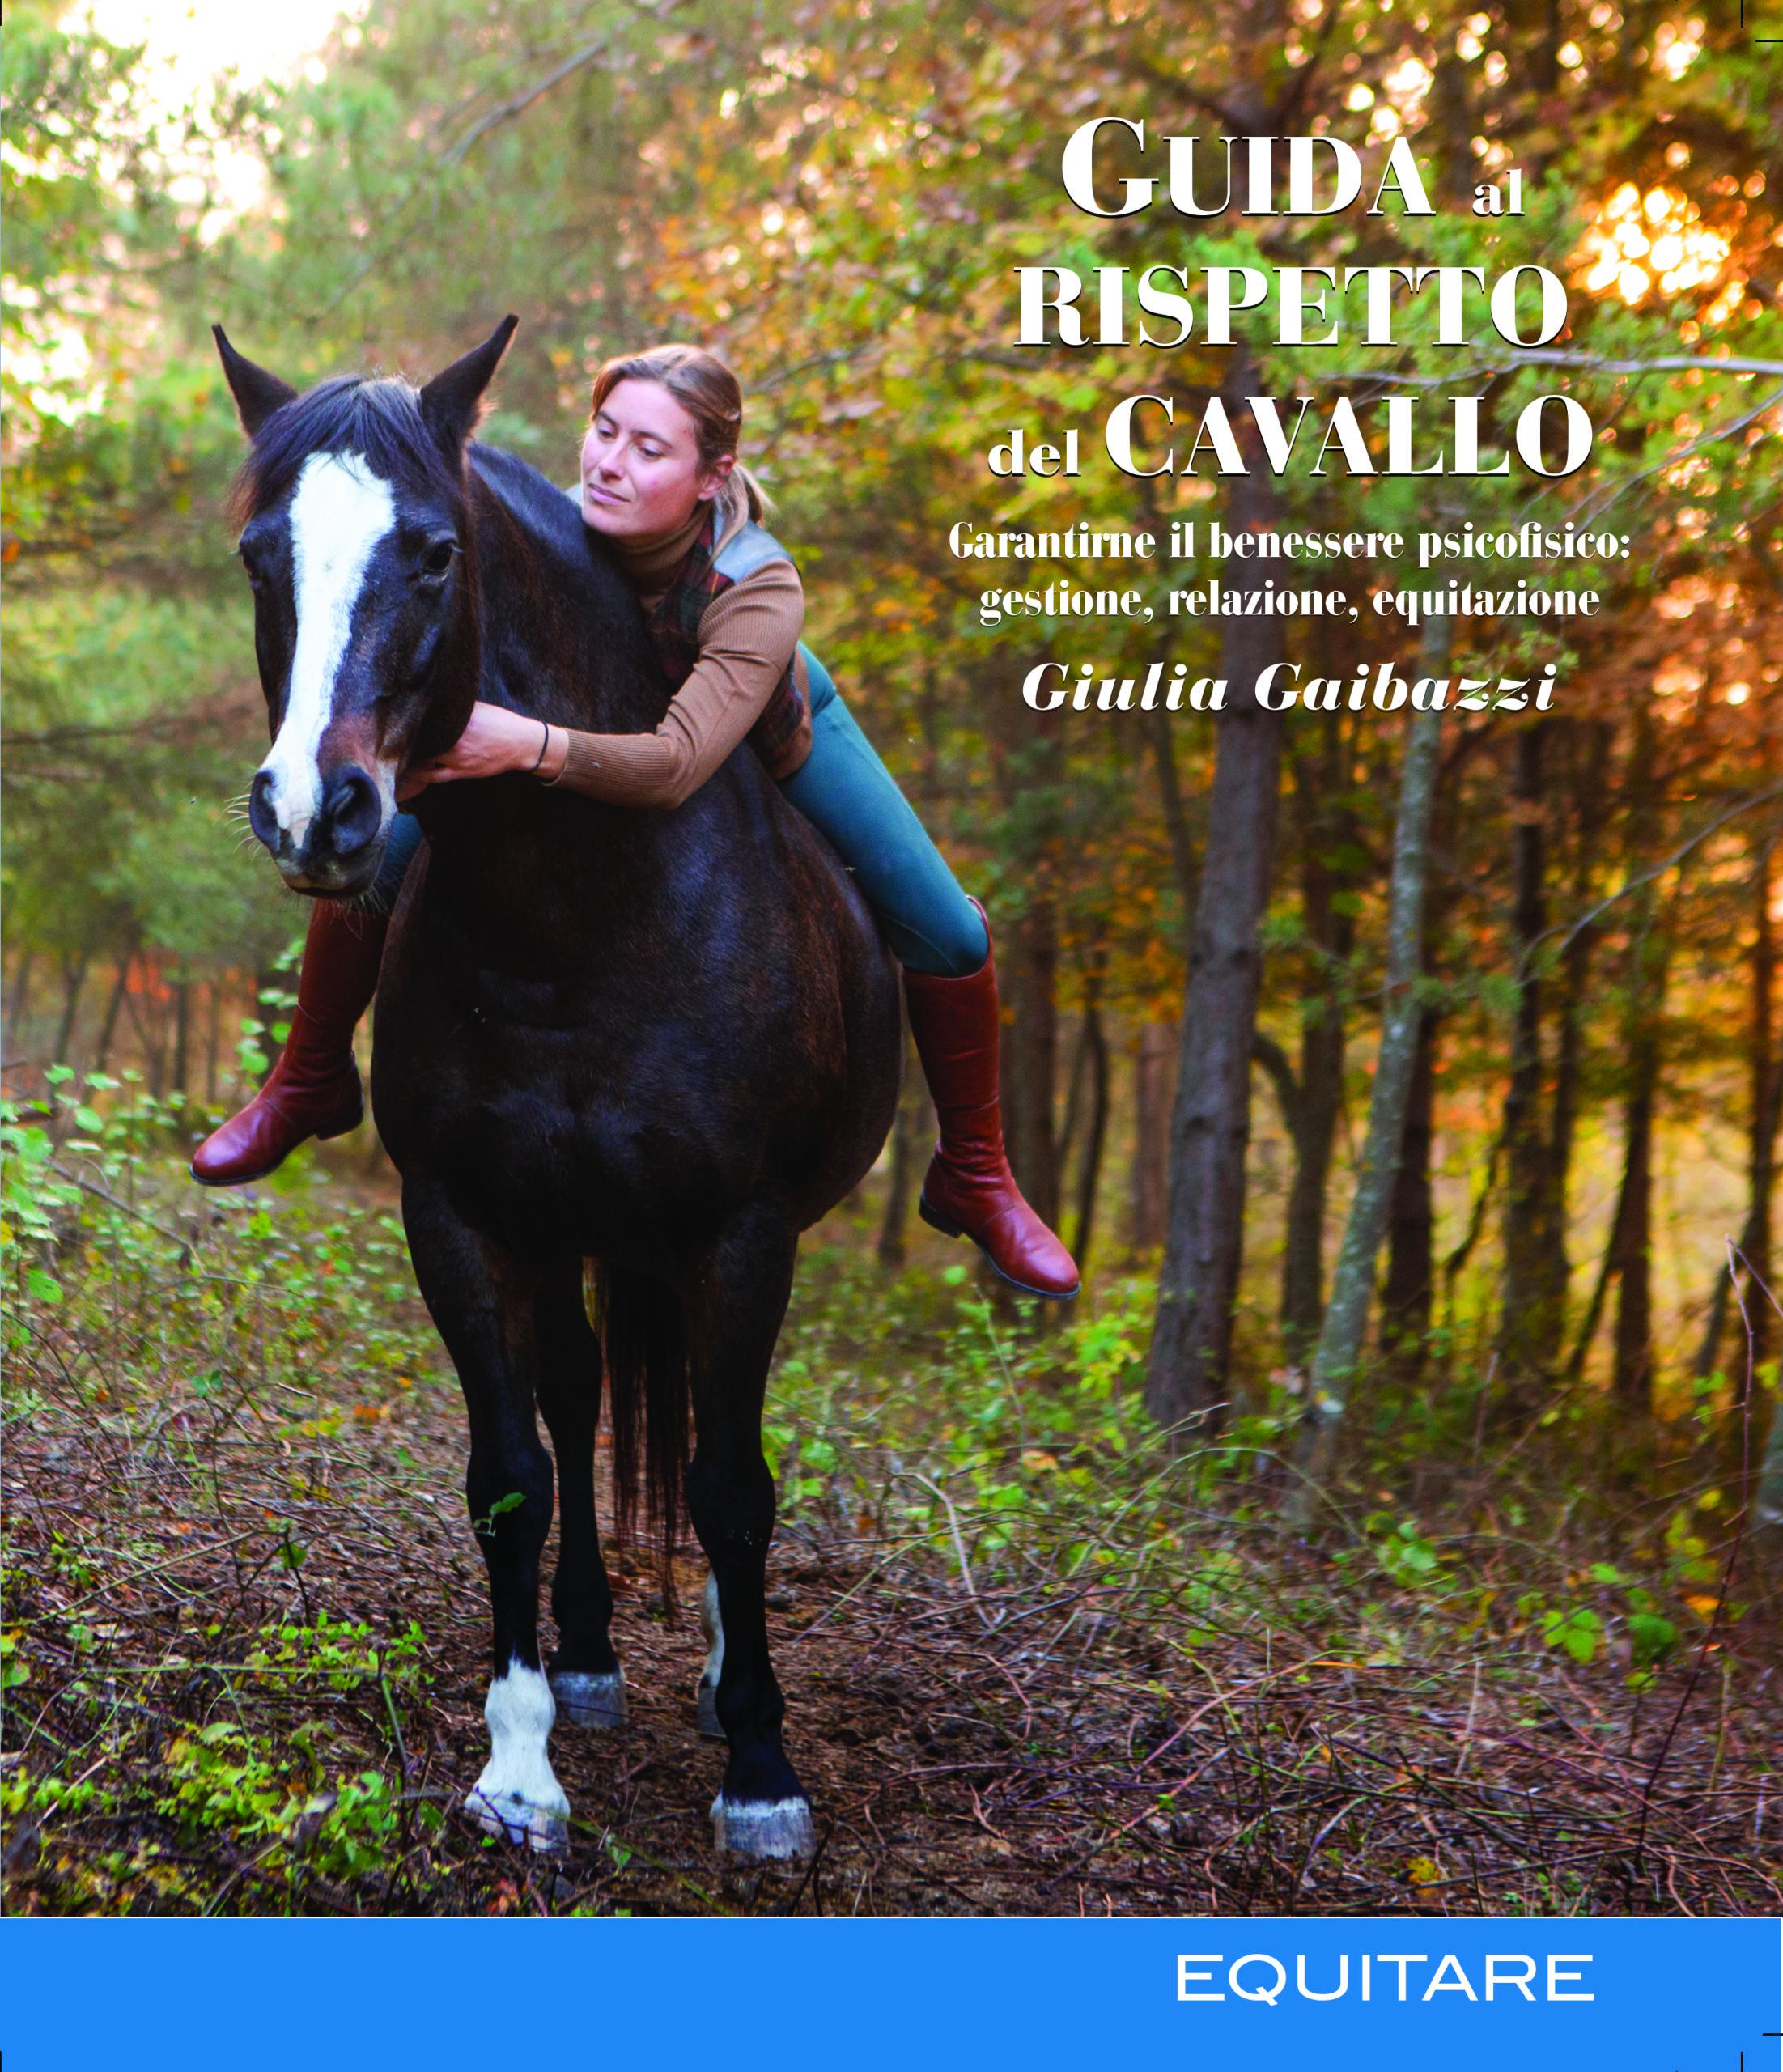 guida-al-rispetto-del-cavallo-giulia-gaibazzi-3-scaled